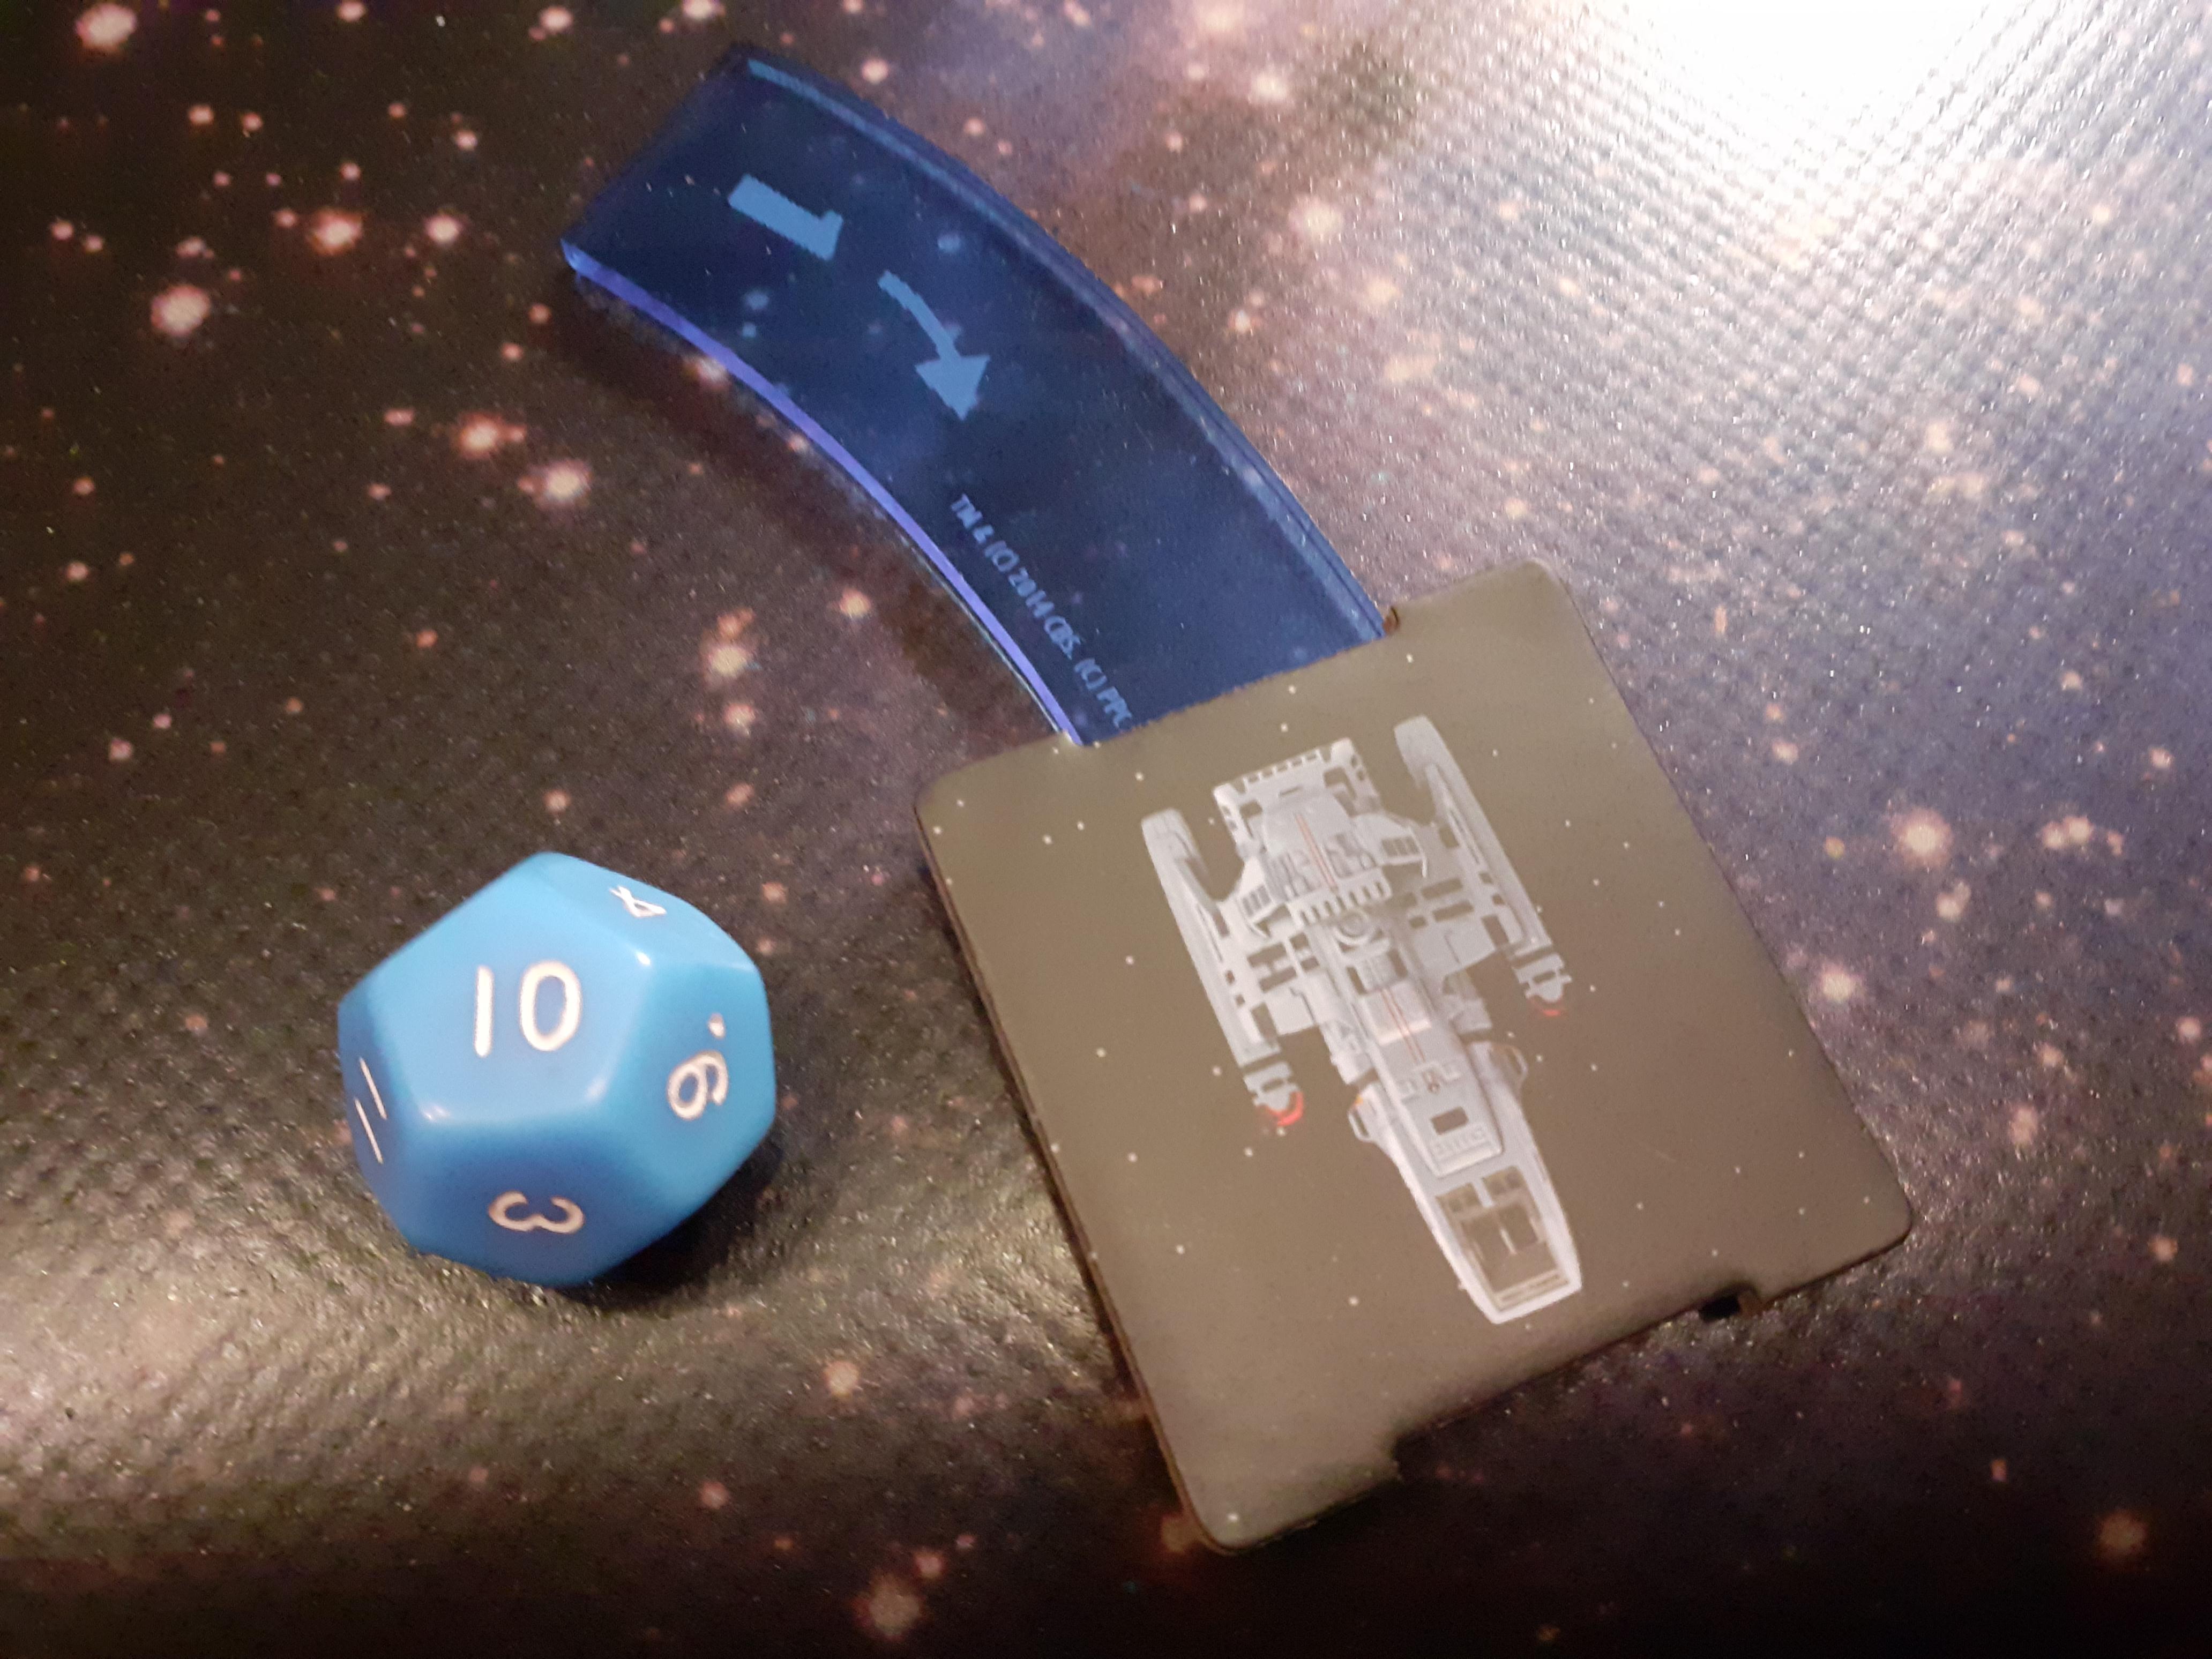 [Star Trek Alliance - Dominion War Campaign I] Computerlogbuch der Solo-Kampagne von Commander Cut  20210403_021509